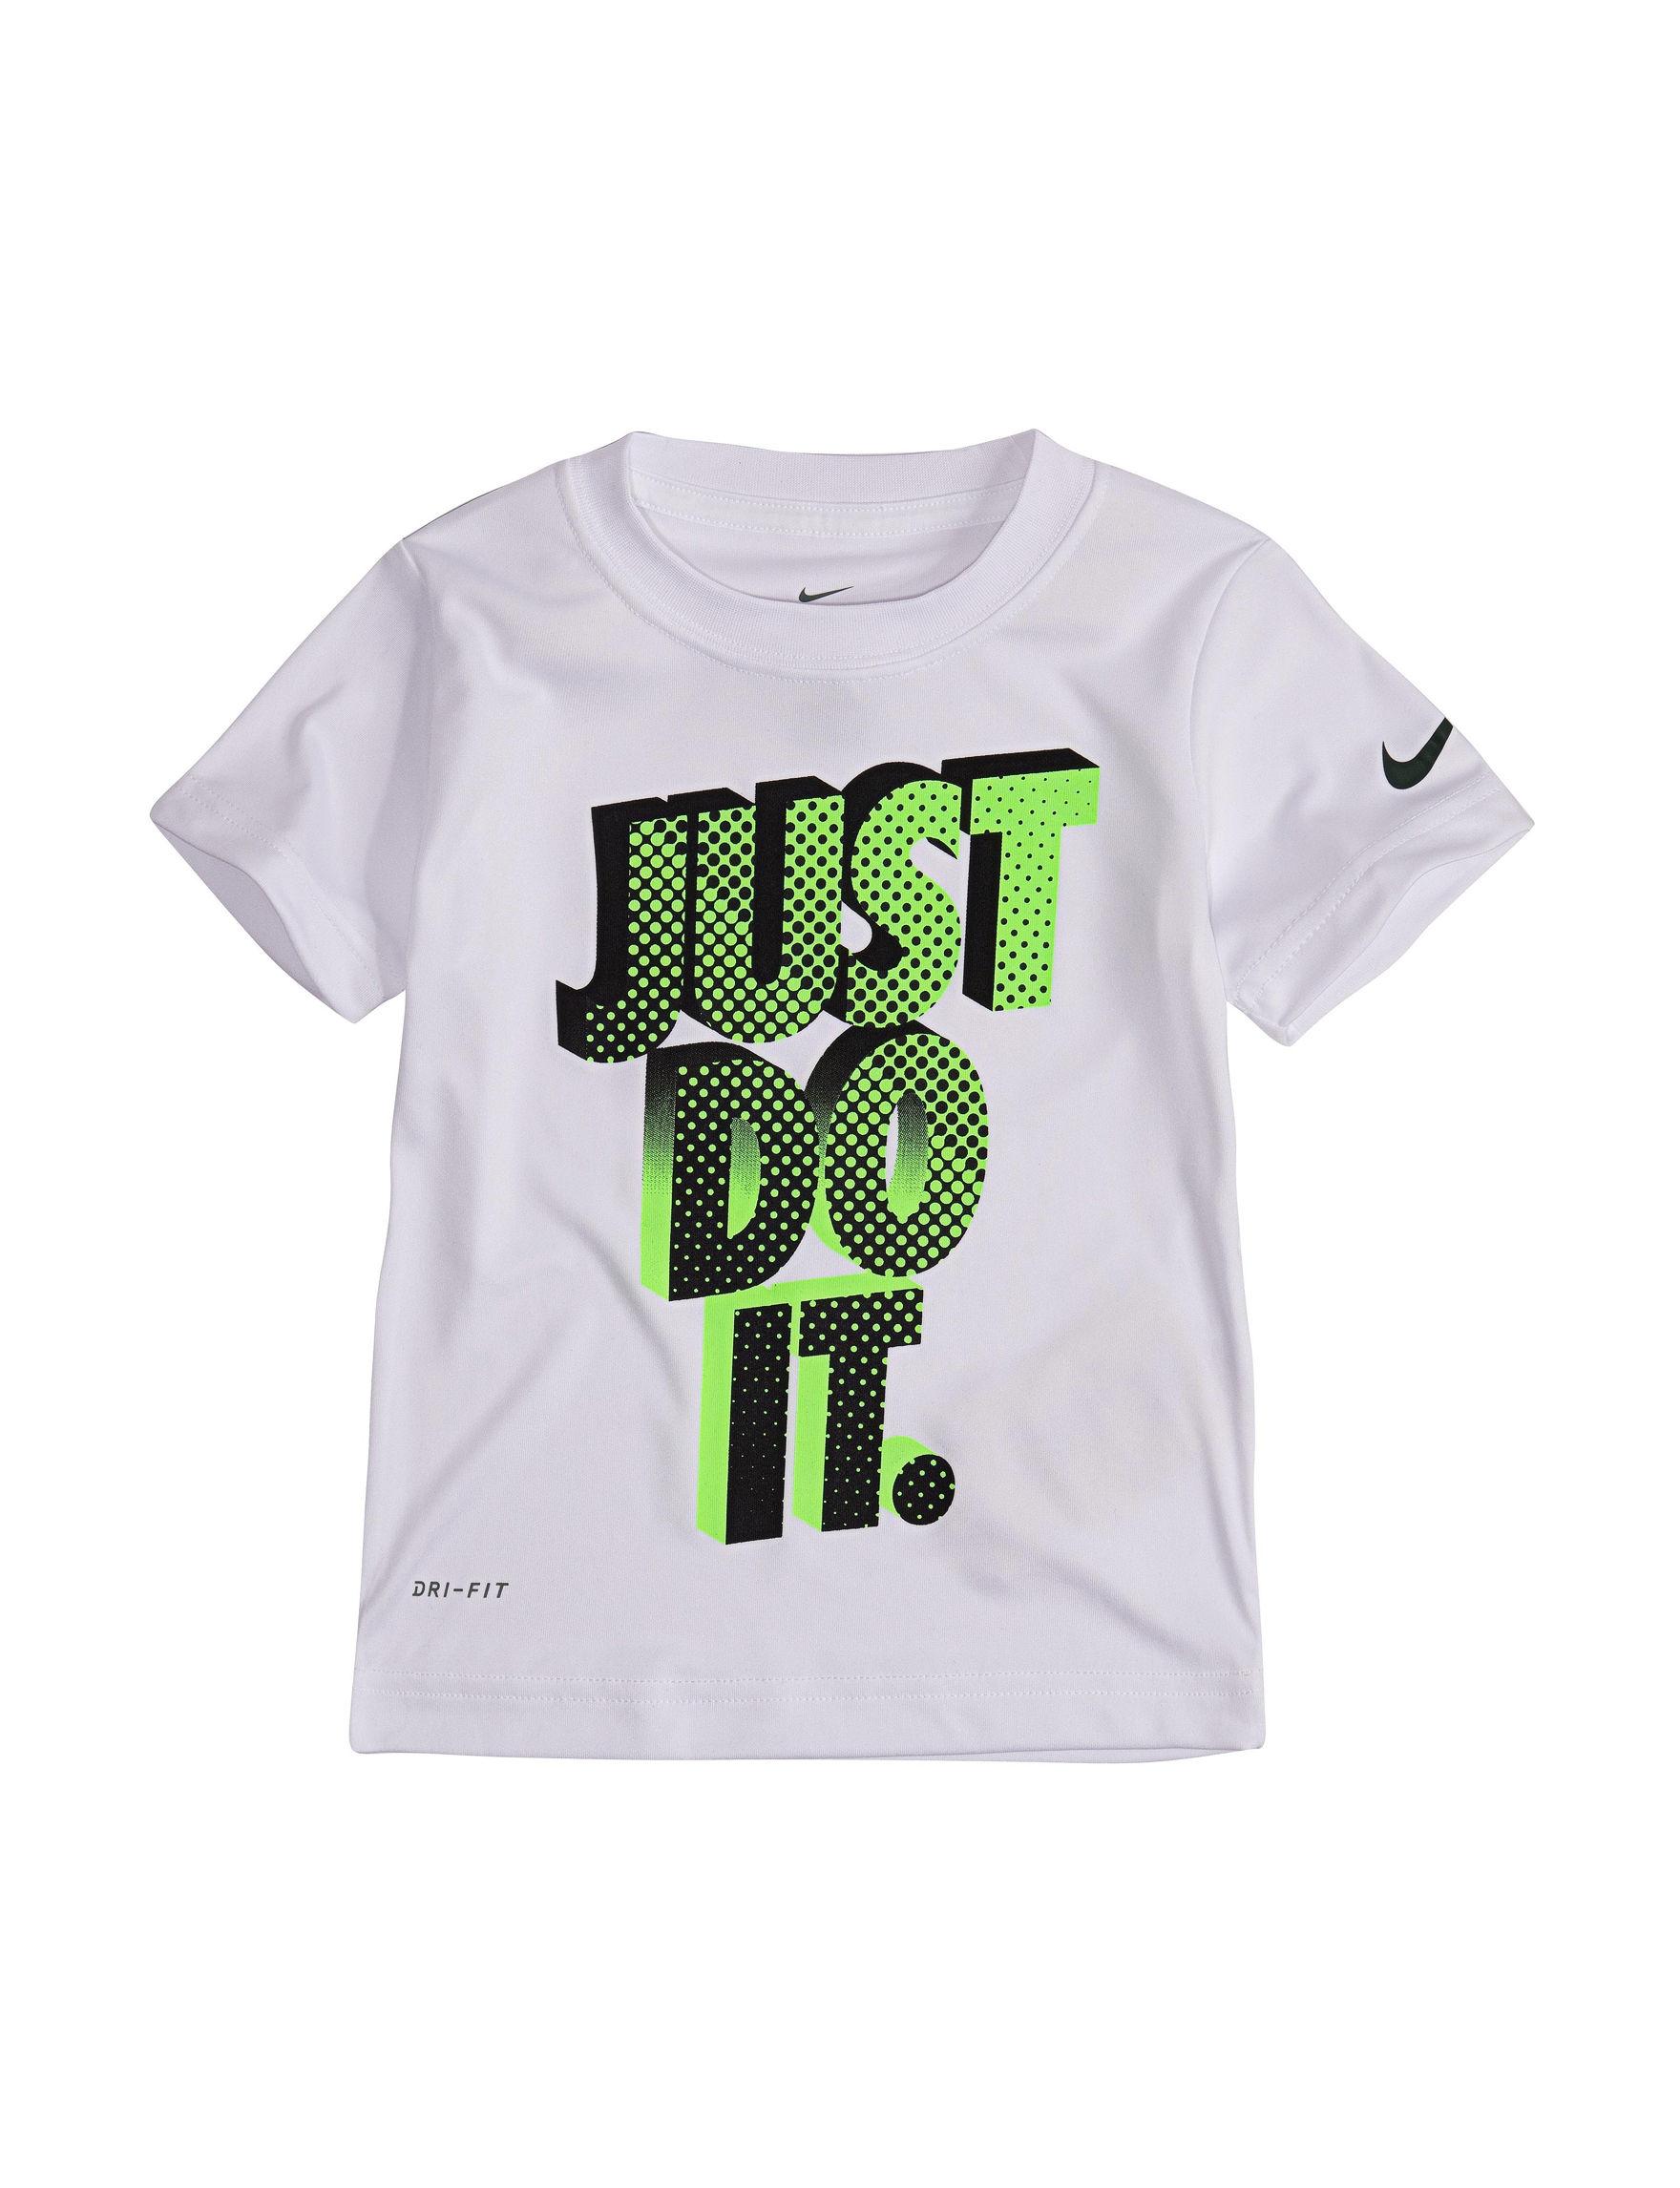 Nike White / Green Tees & Tanks